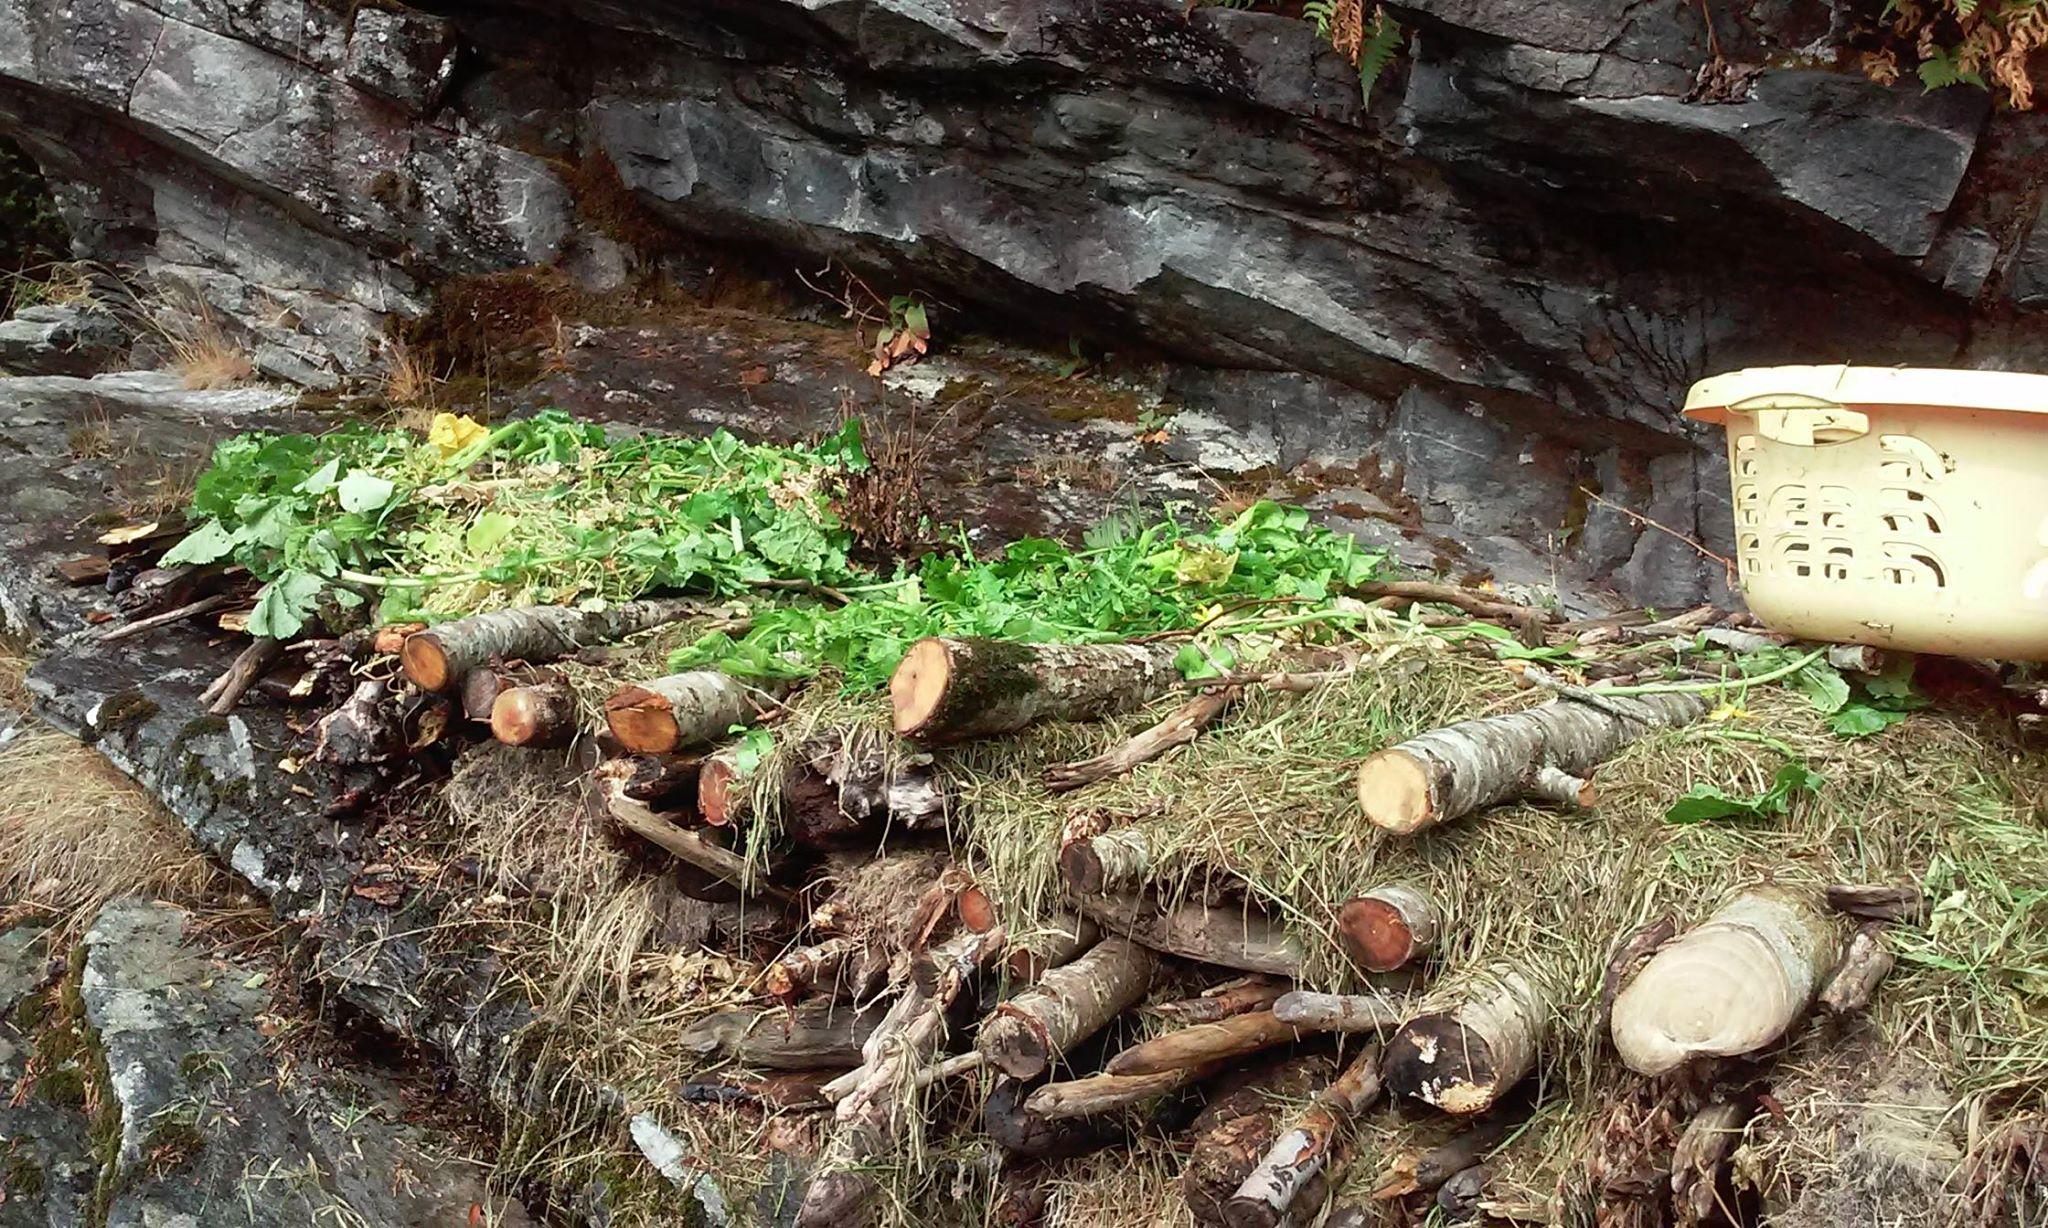 Hügelbed gjør det mulig for meg å utnytte de mest utenkelige stedene til dyrking - slik som på denne fjellhyllen.